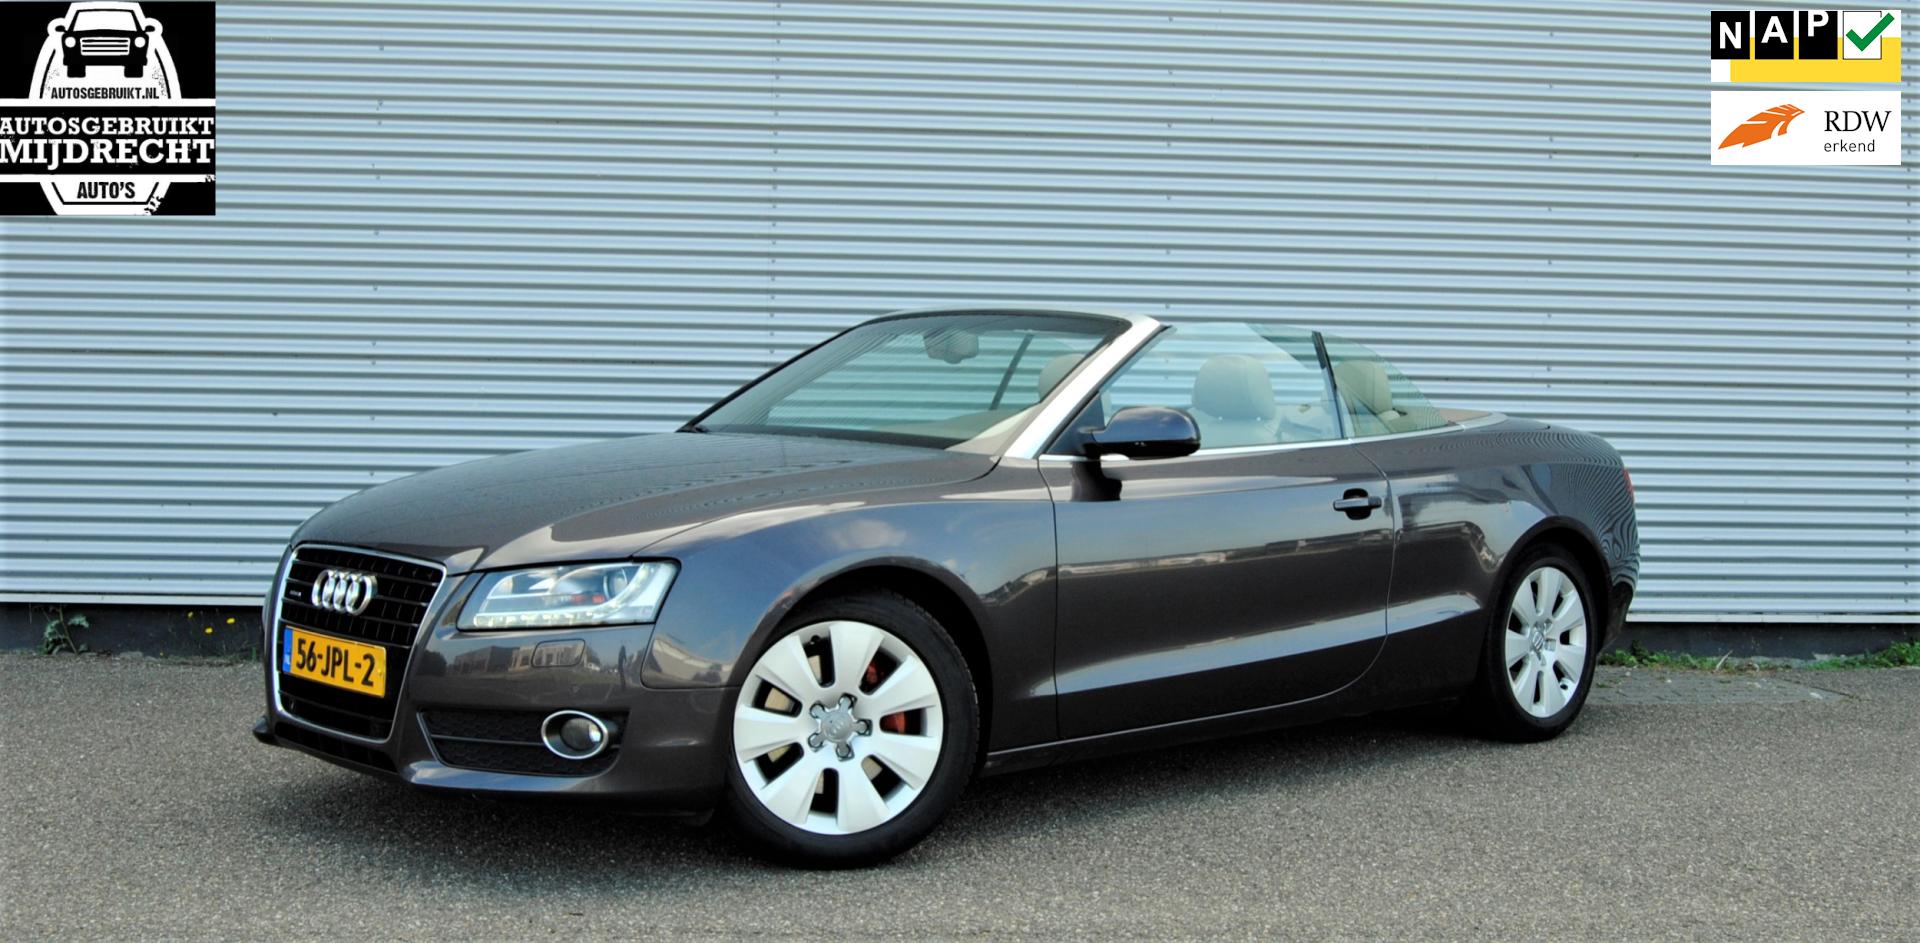 Audi A5 Cabriolet occasion - Autosgebruikt Mijdrecht